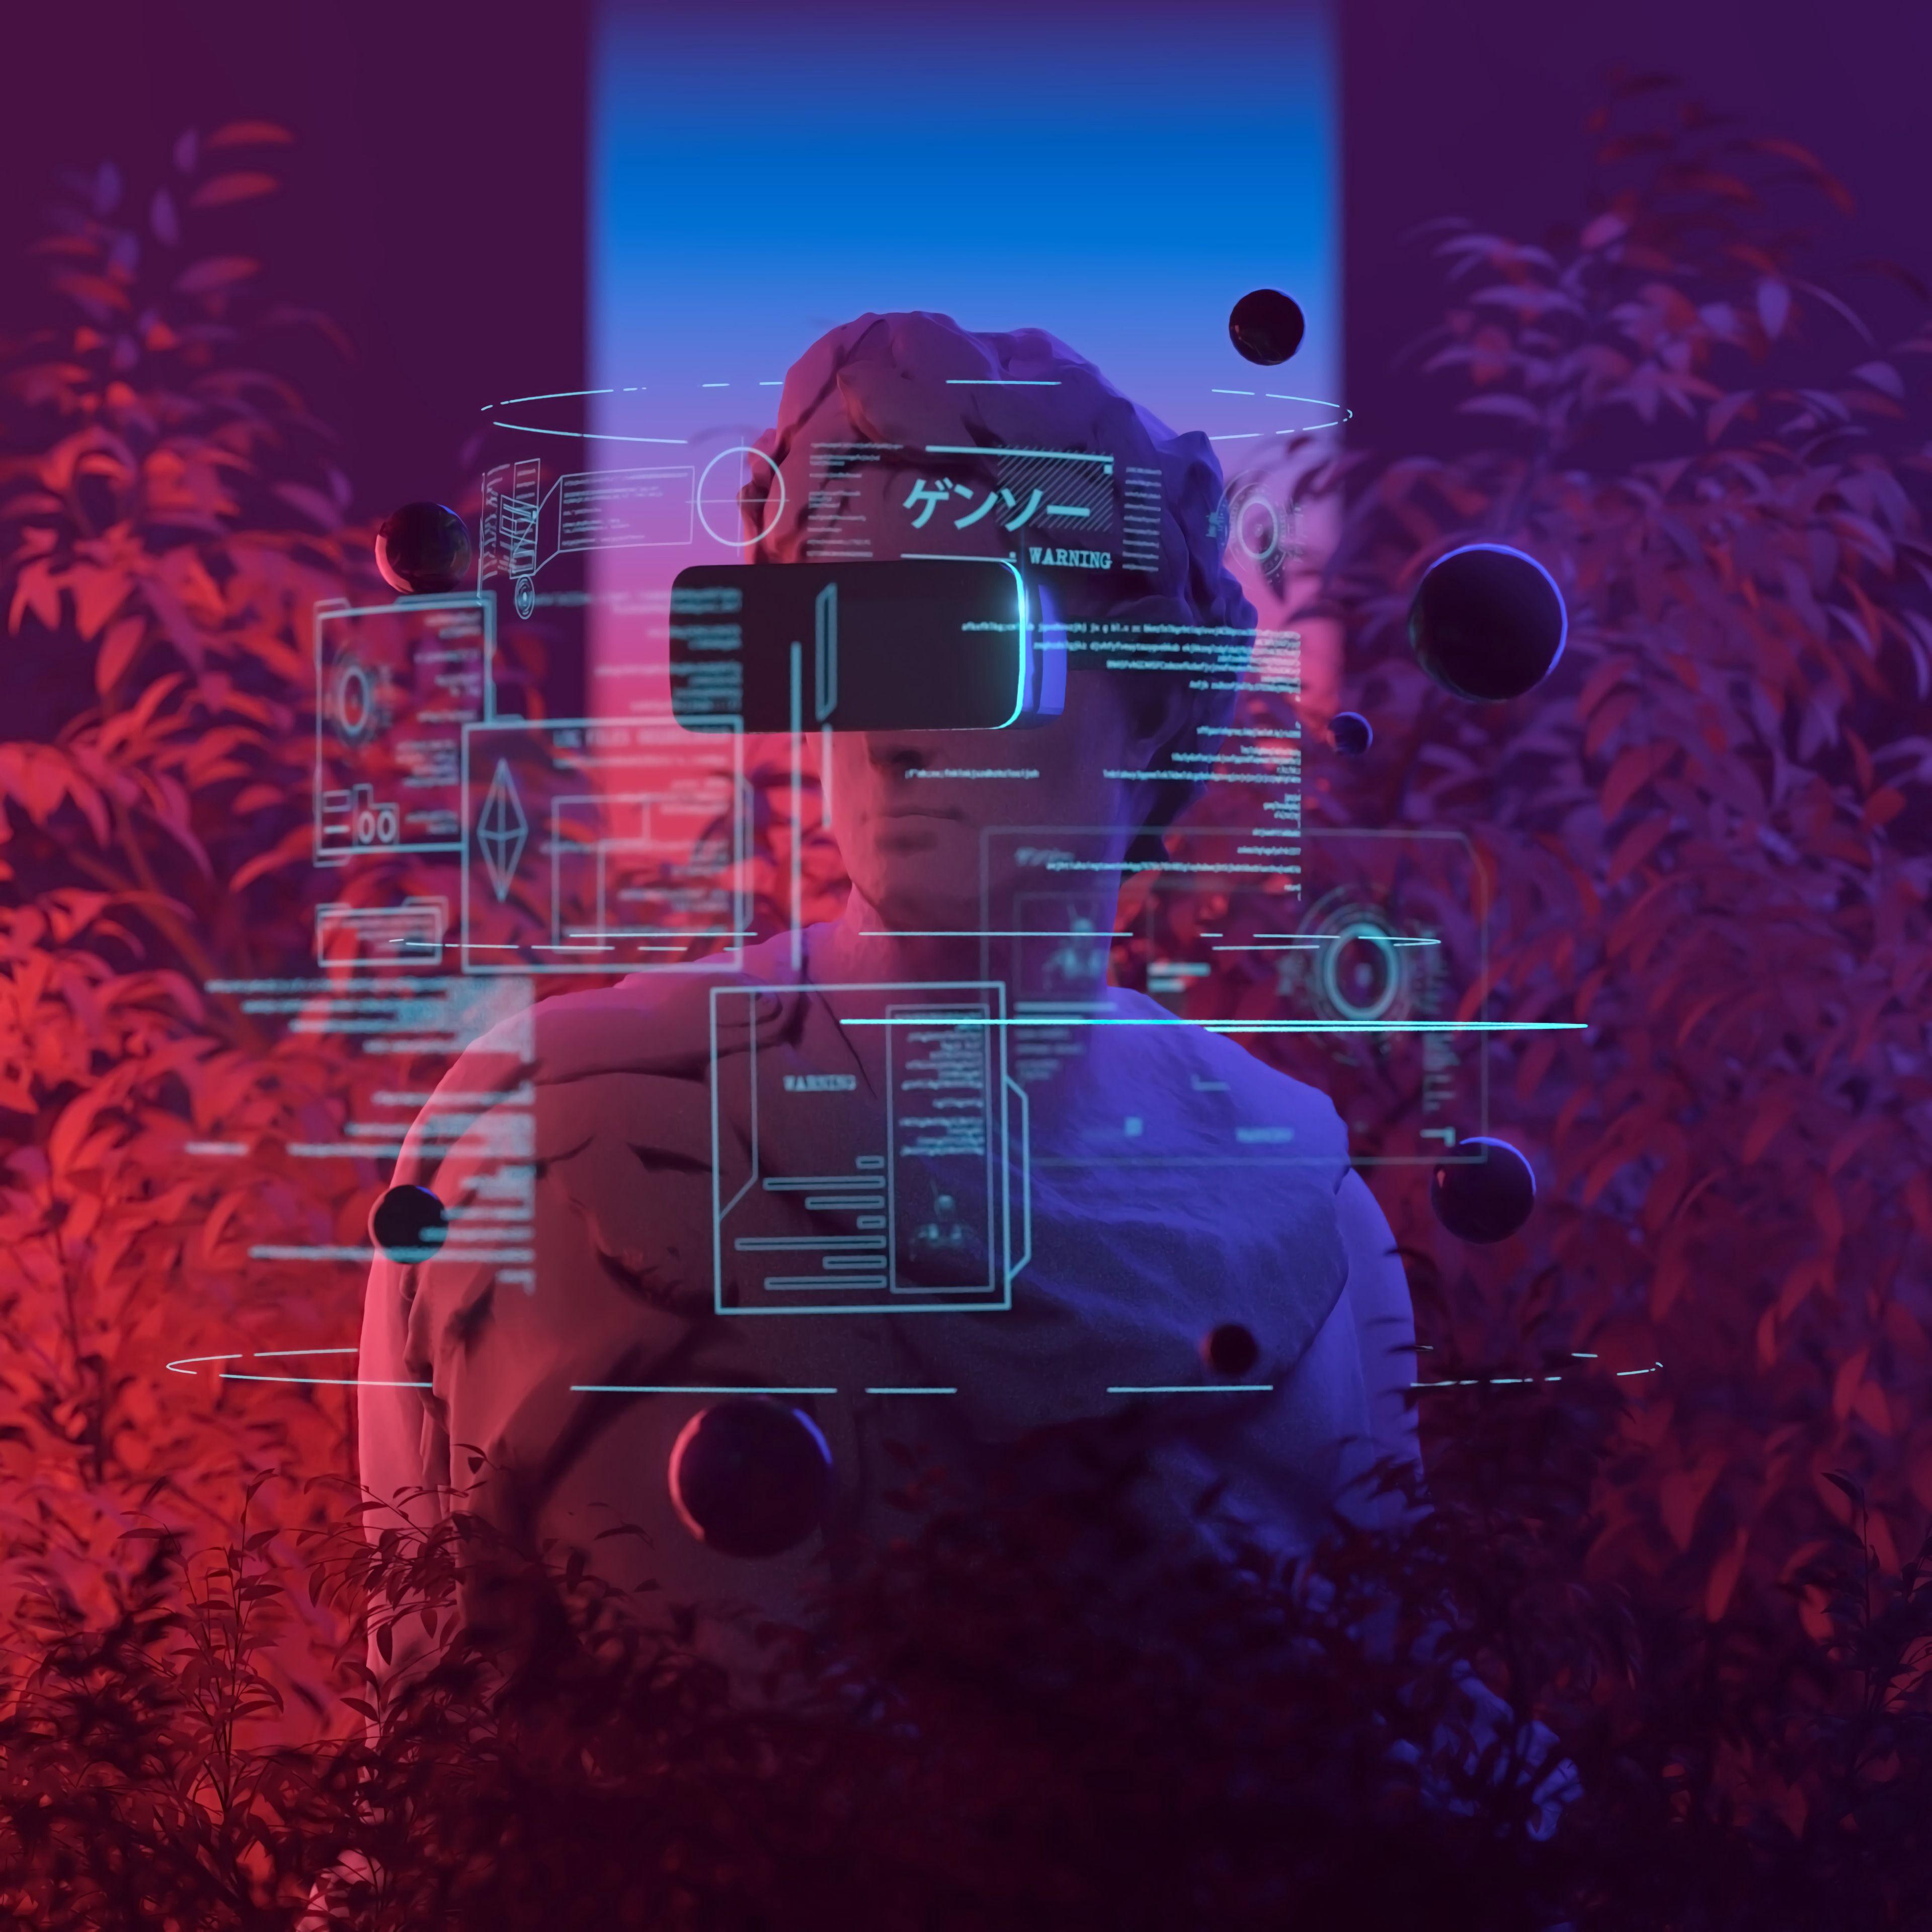 122039 Заставки и Обои Технологии на телефон. Скачать Технологии, Арт, Неон, Виртуальная Реальность, Виар картинки бесплатно